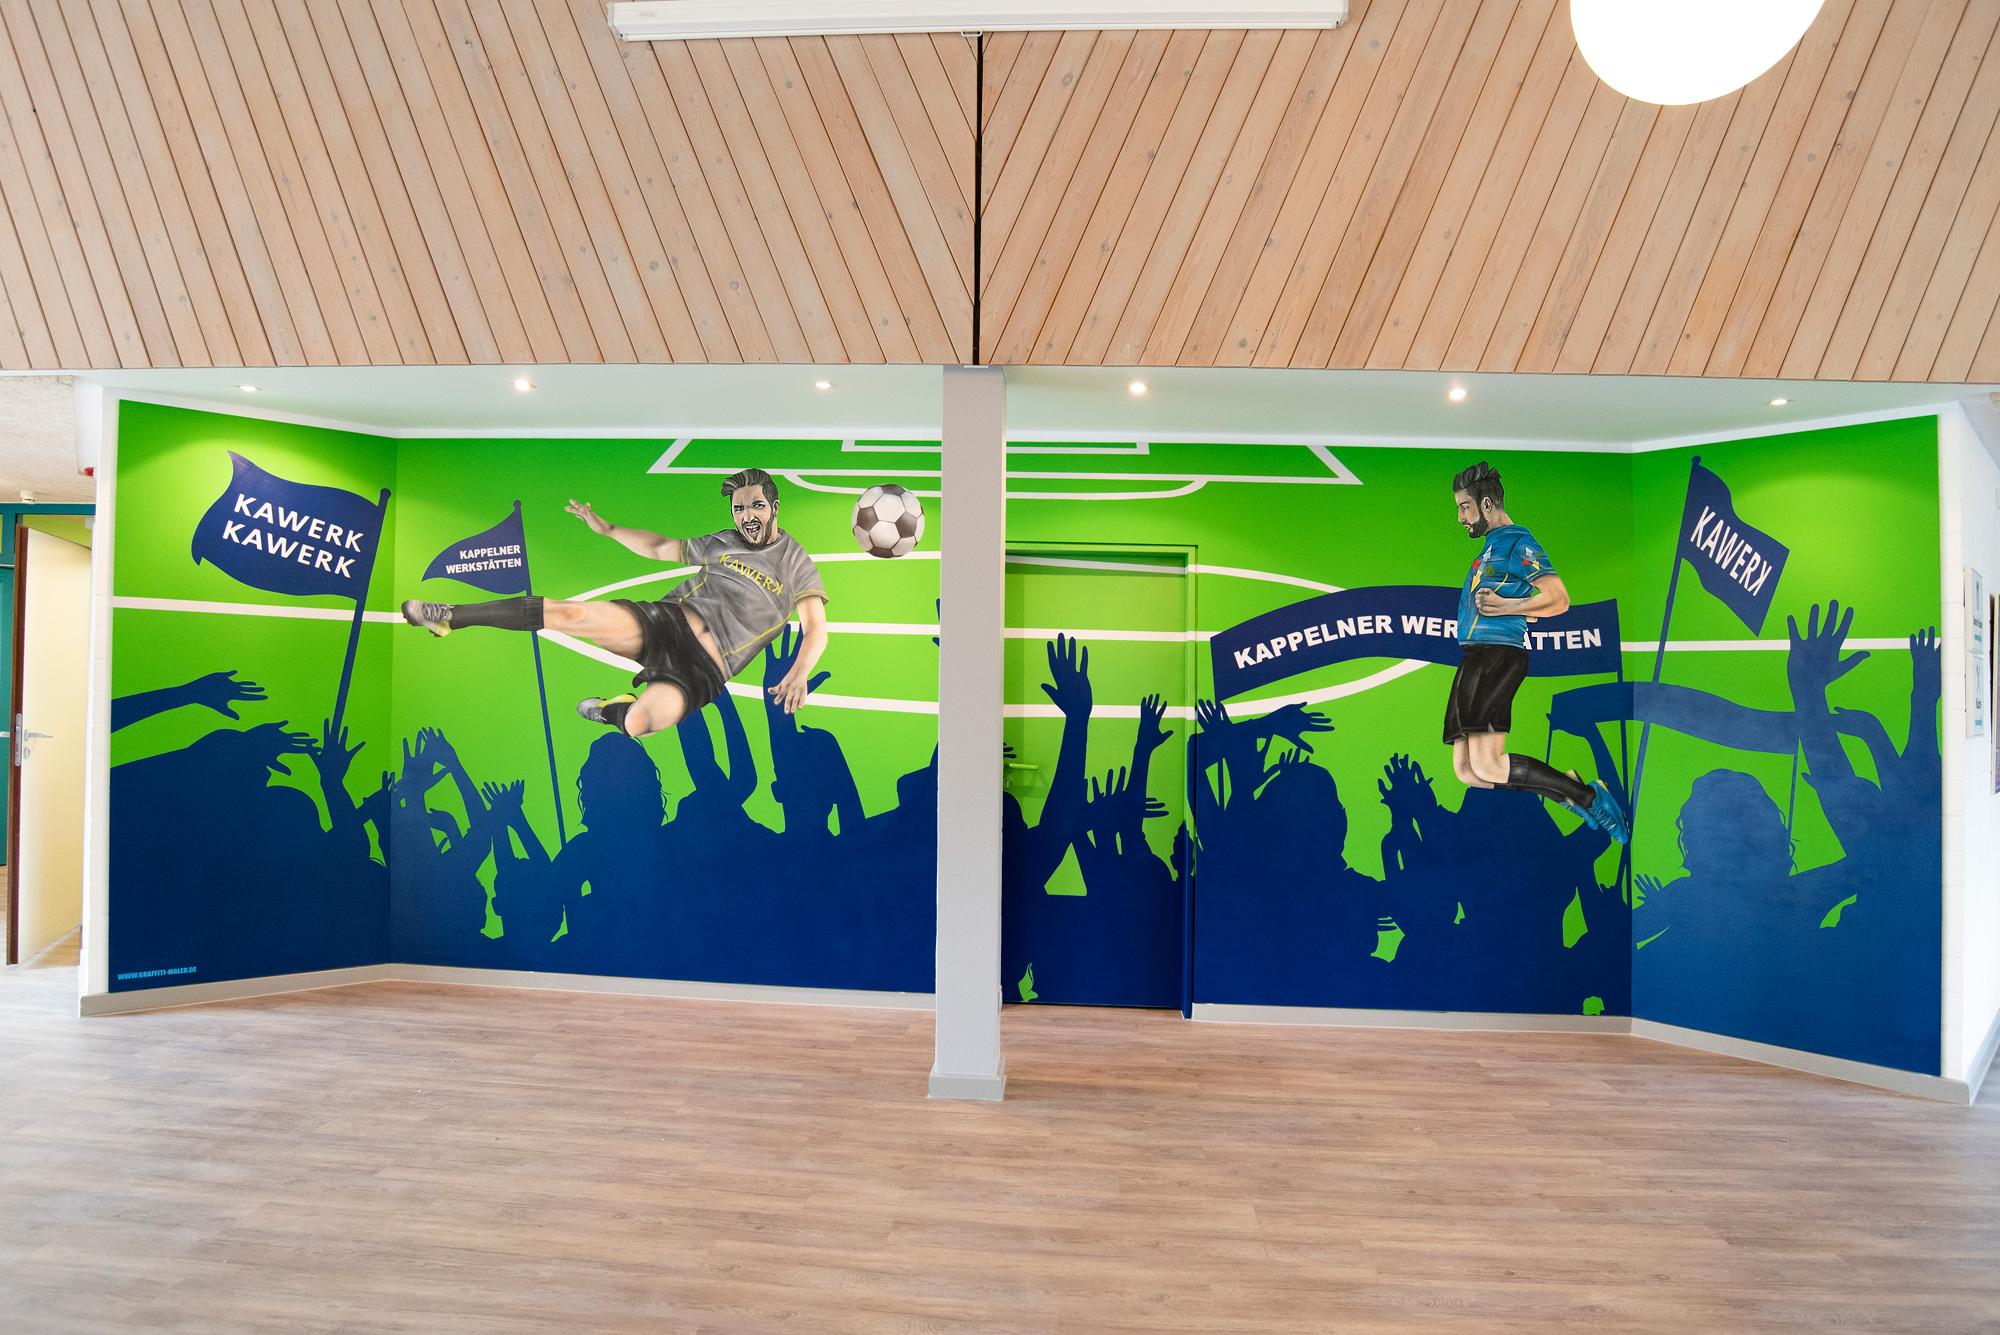 Fussball Wandbild für Firm